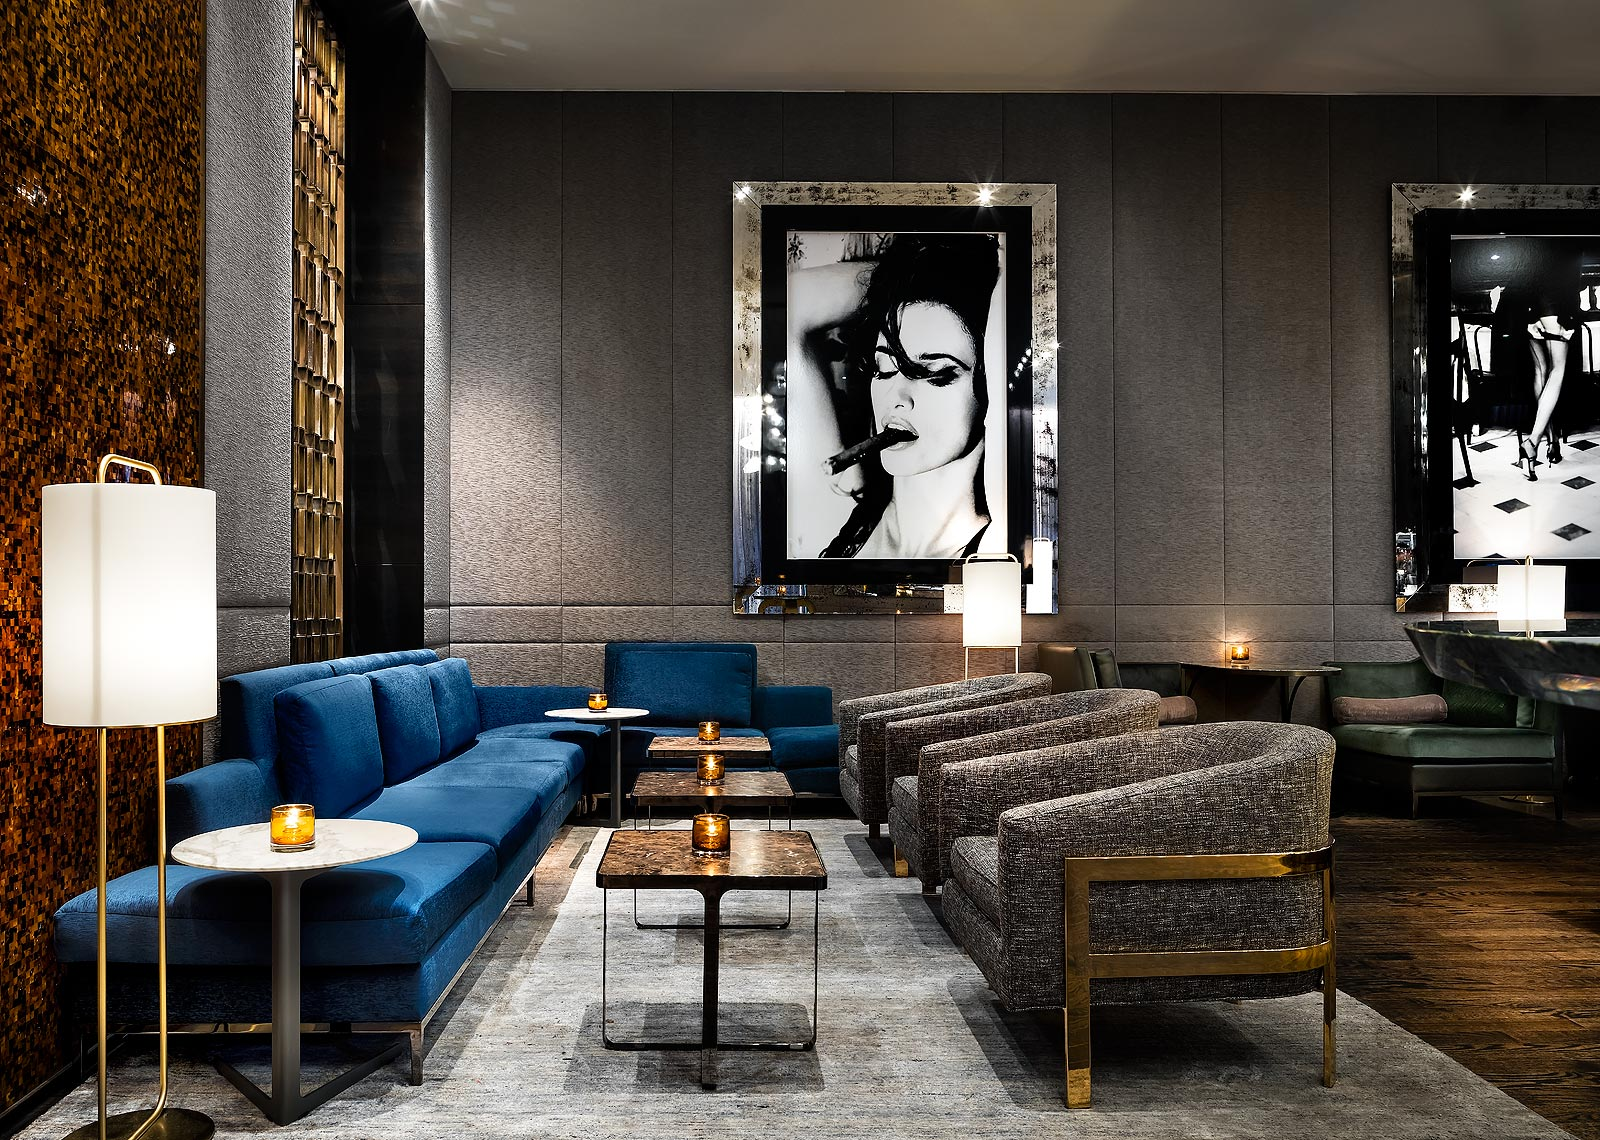 The-Residences-At-The-Ritz-Carlton-Condos-183-Wellington-Street-w-Toronto